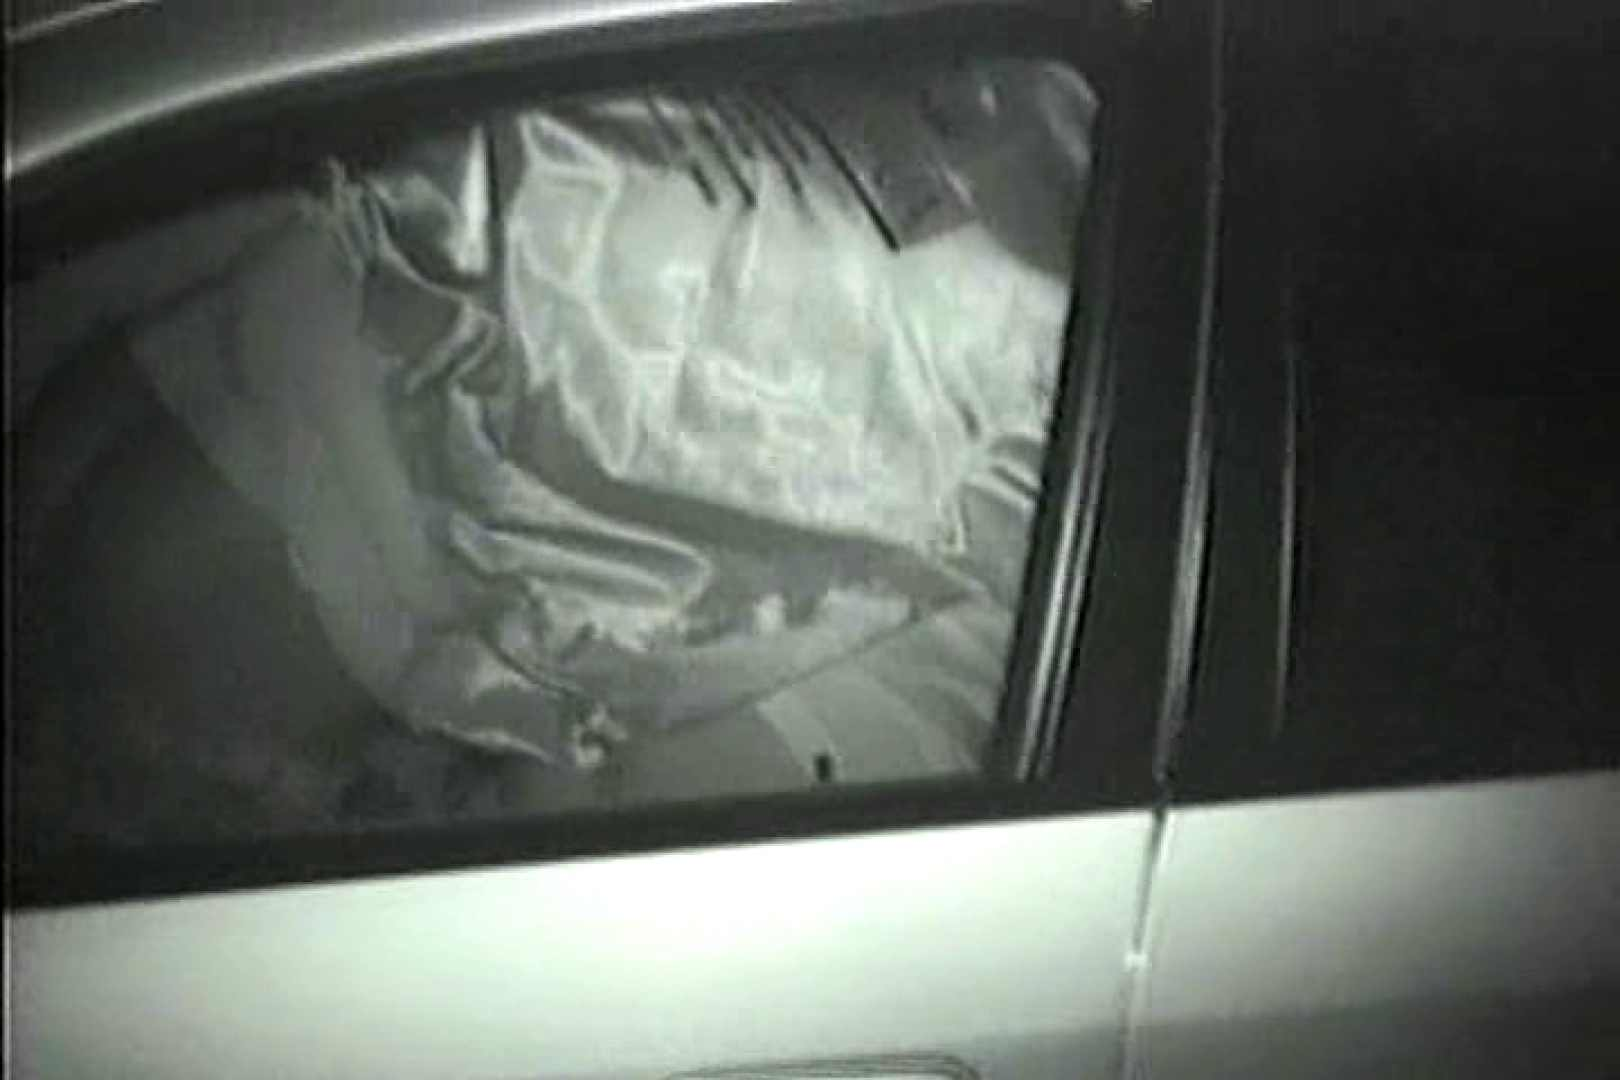 車の中はラブホテル 無修正版  Vol.9 OLの実態 のぞきおめこ無修正画像 58pic 7